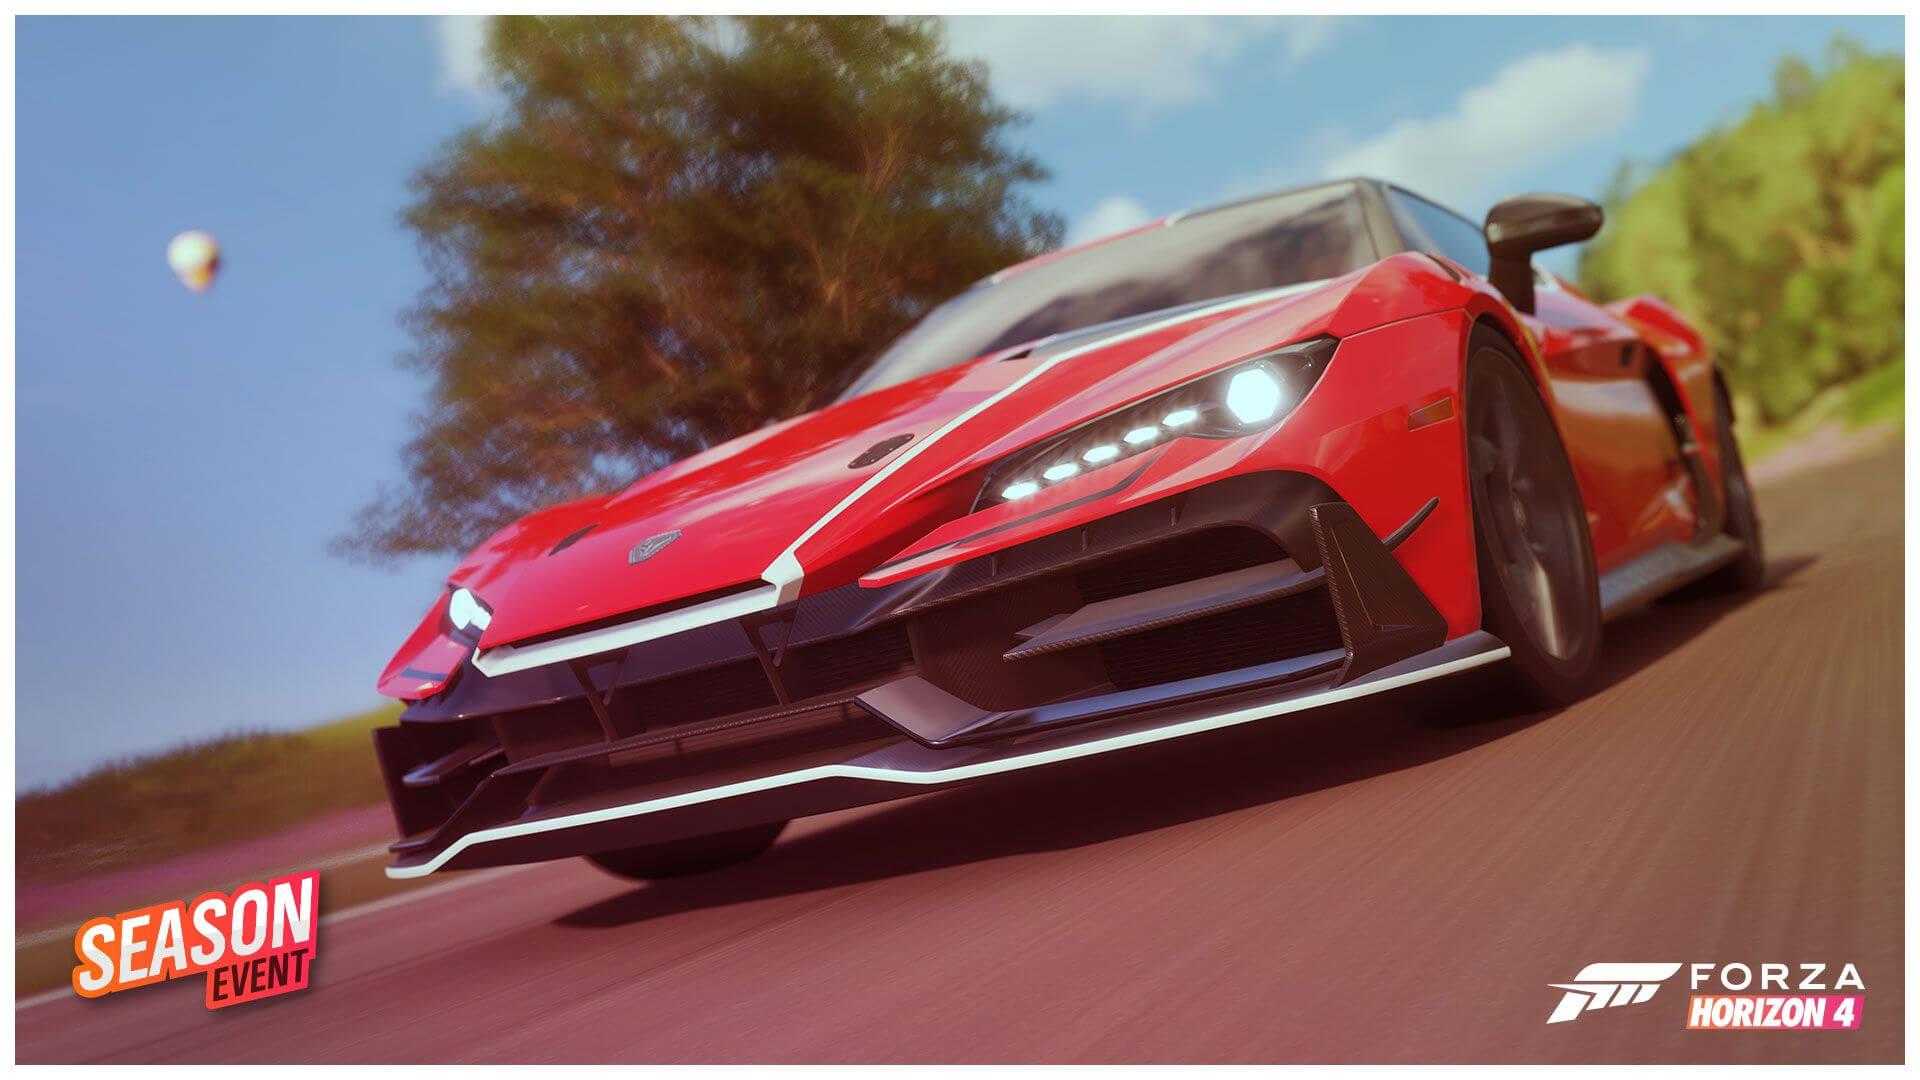 Forza Horizon 4 Series 13 Pays Homage to Porsche